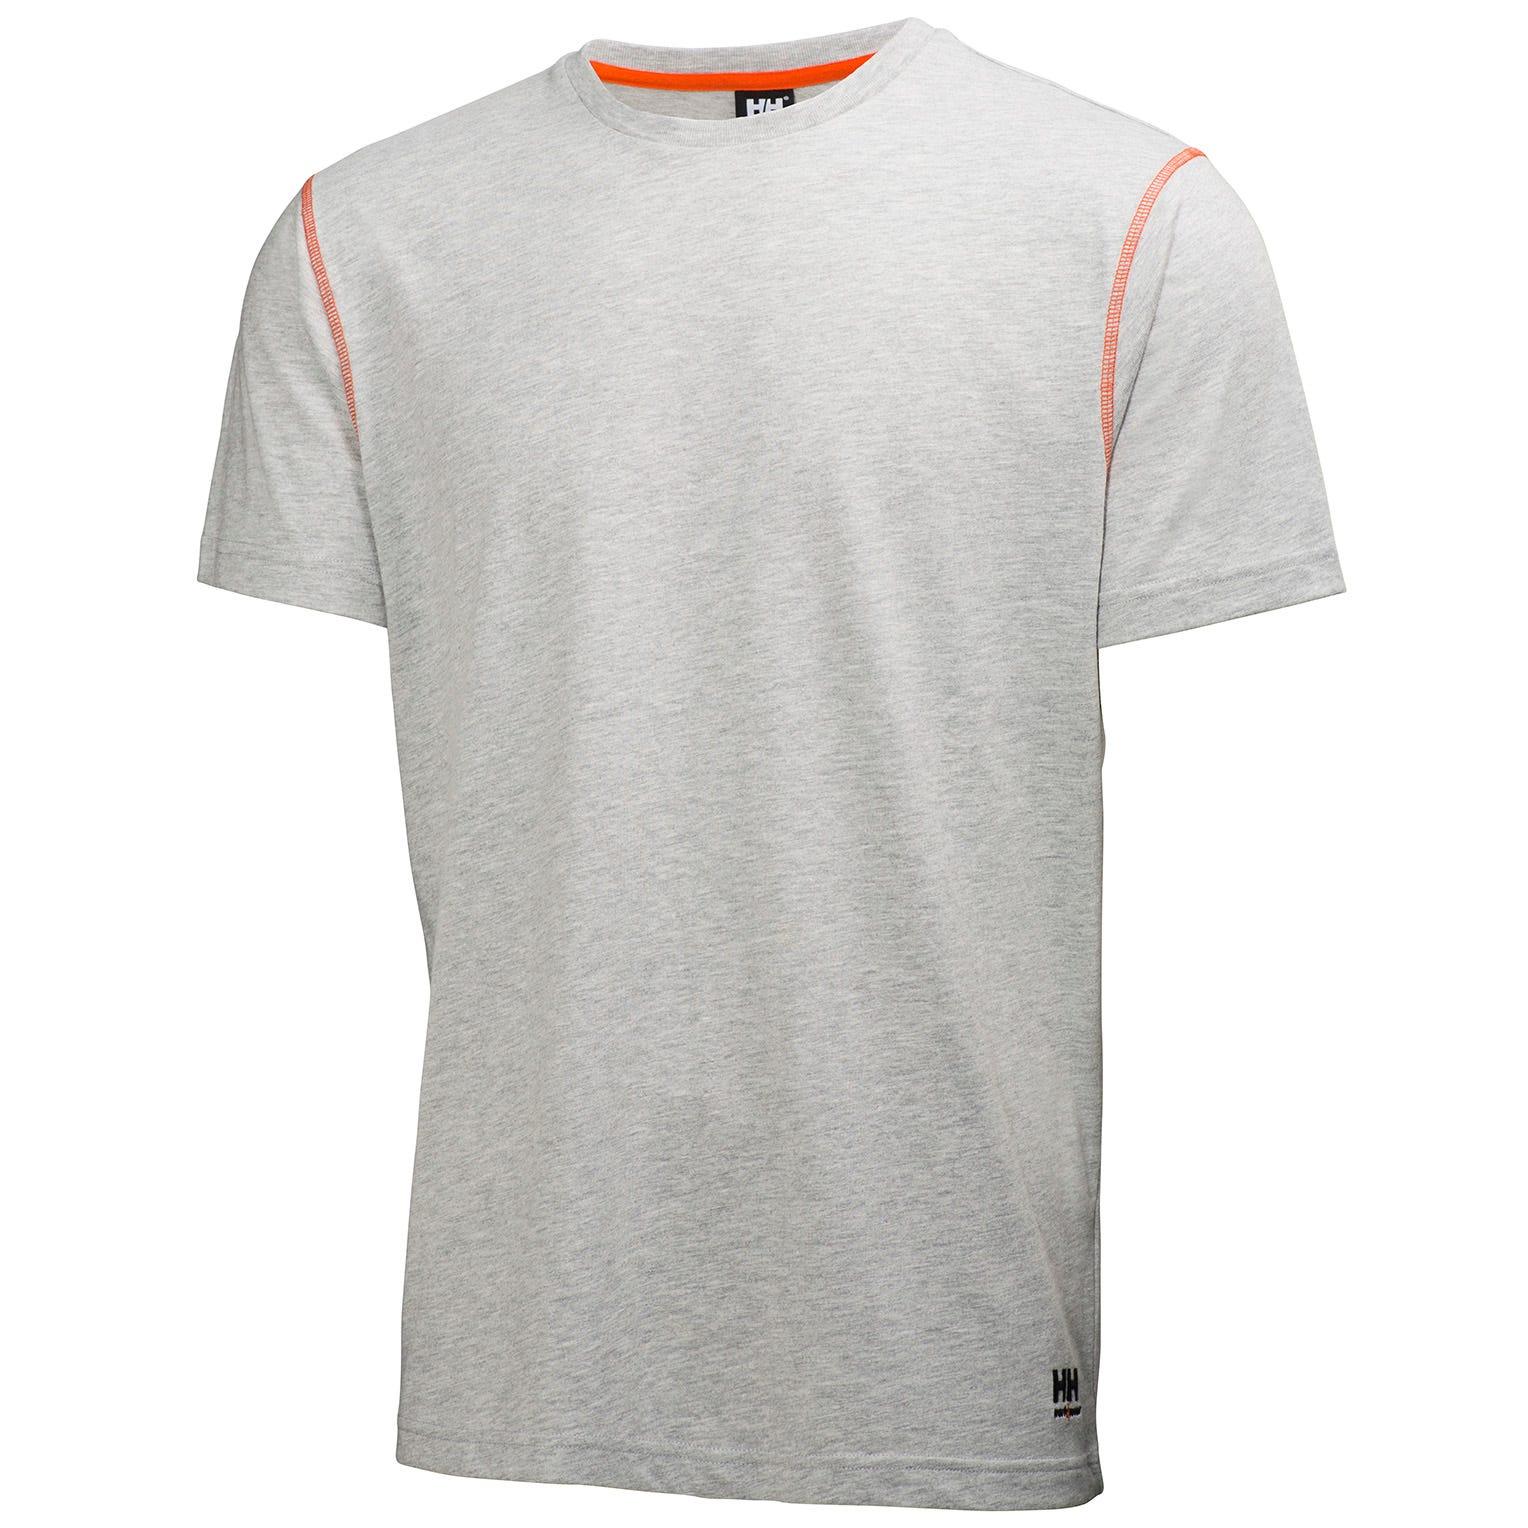 HH Workwear Workwear Oxford Lightweight Work T-shirt Grey S